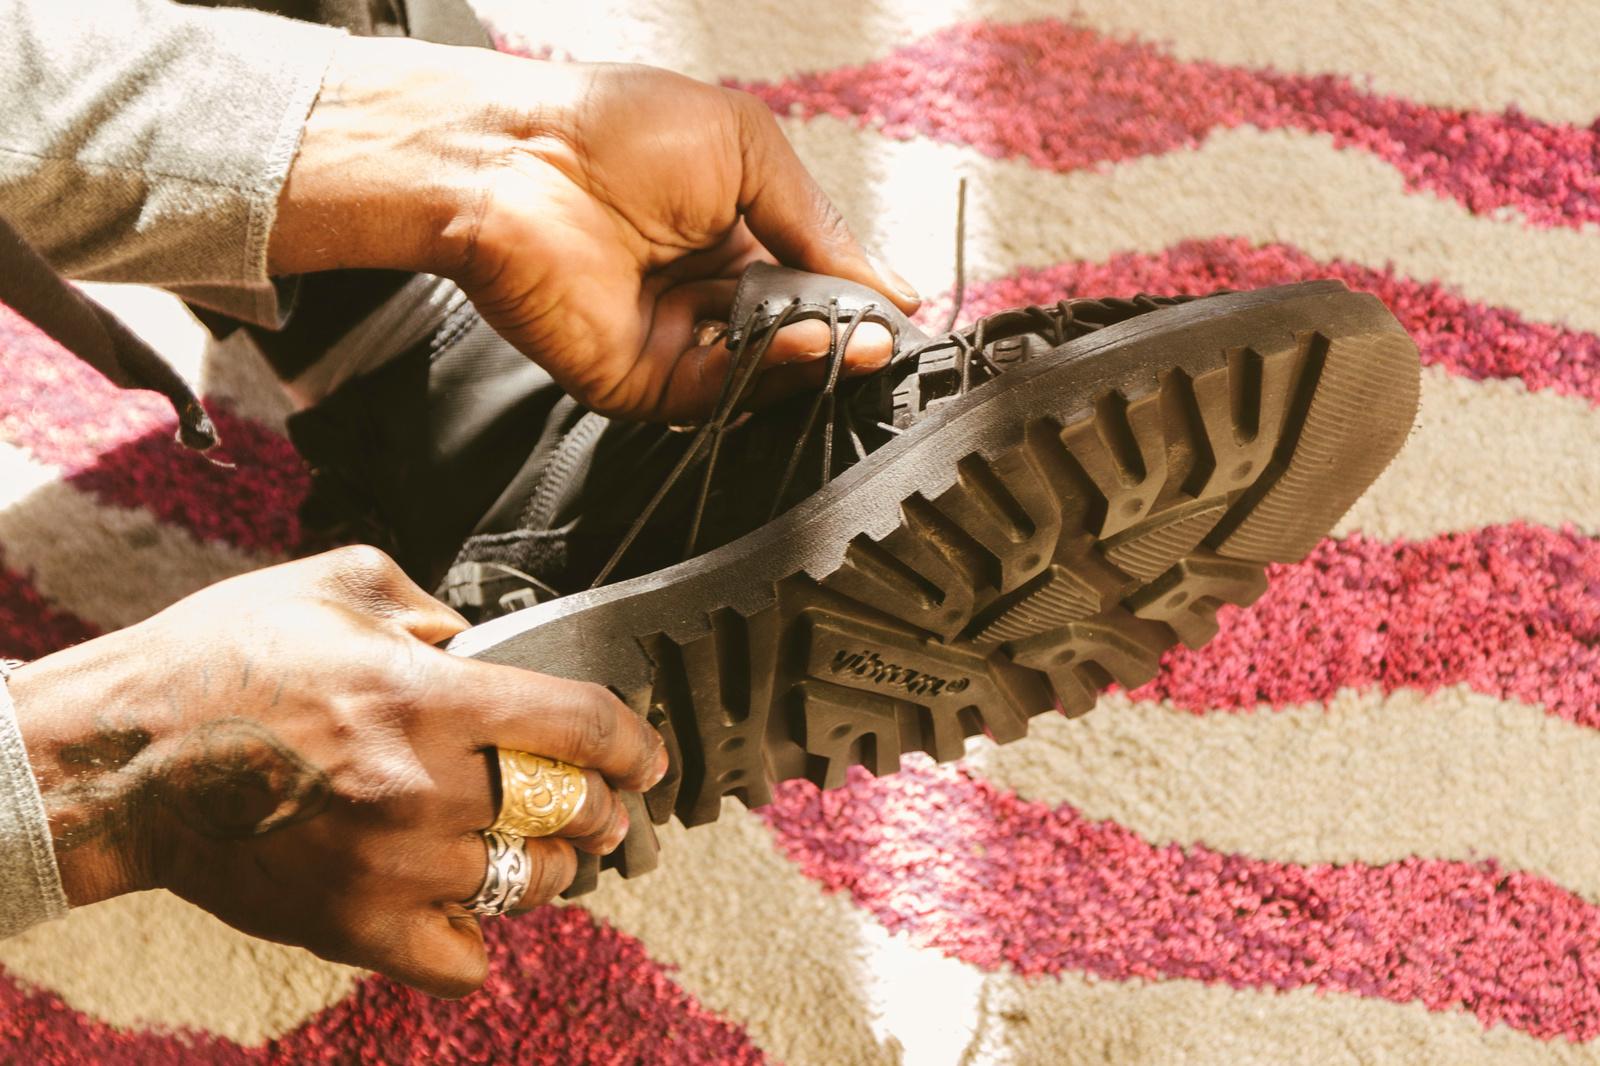 De zolen van Joffrey's schoenen werden gemaakt van fietsbanden., Eileen Vancraenenbroeck